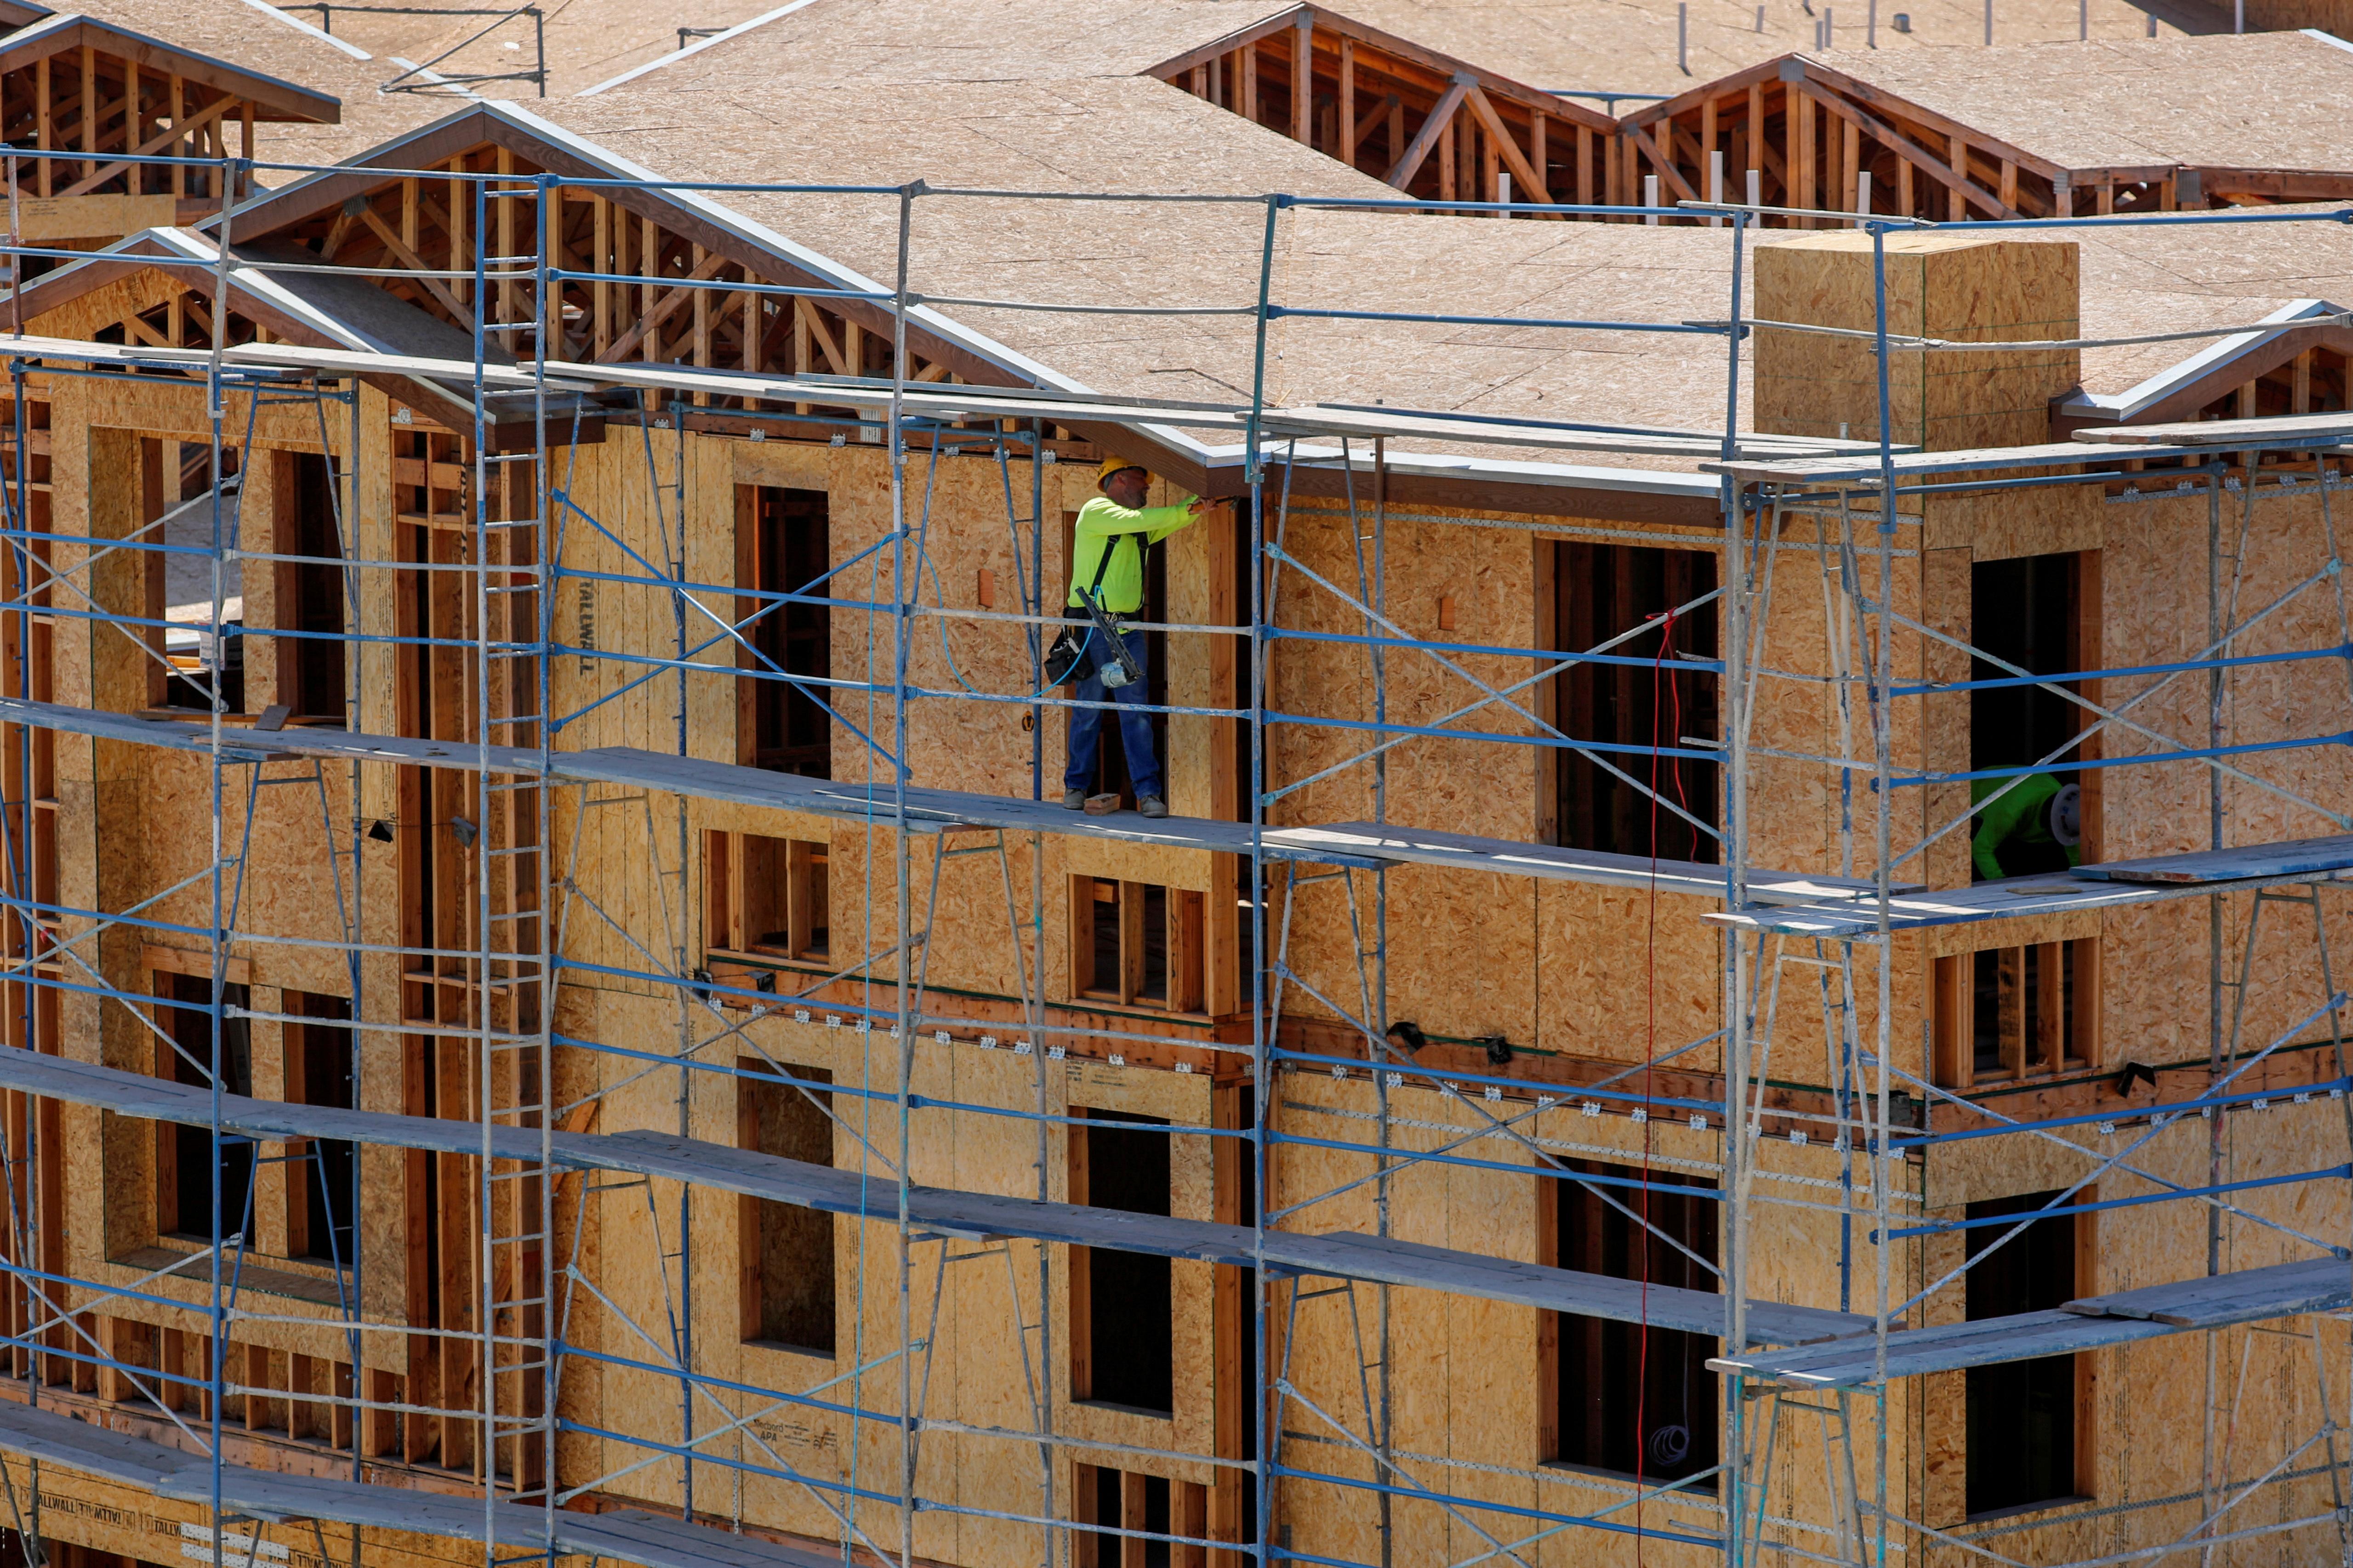 U.S. homebuilding retreats, manufacturing still struggling